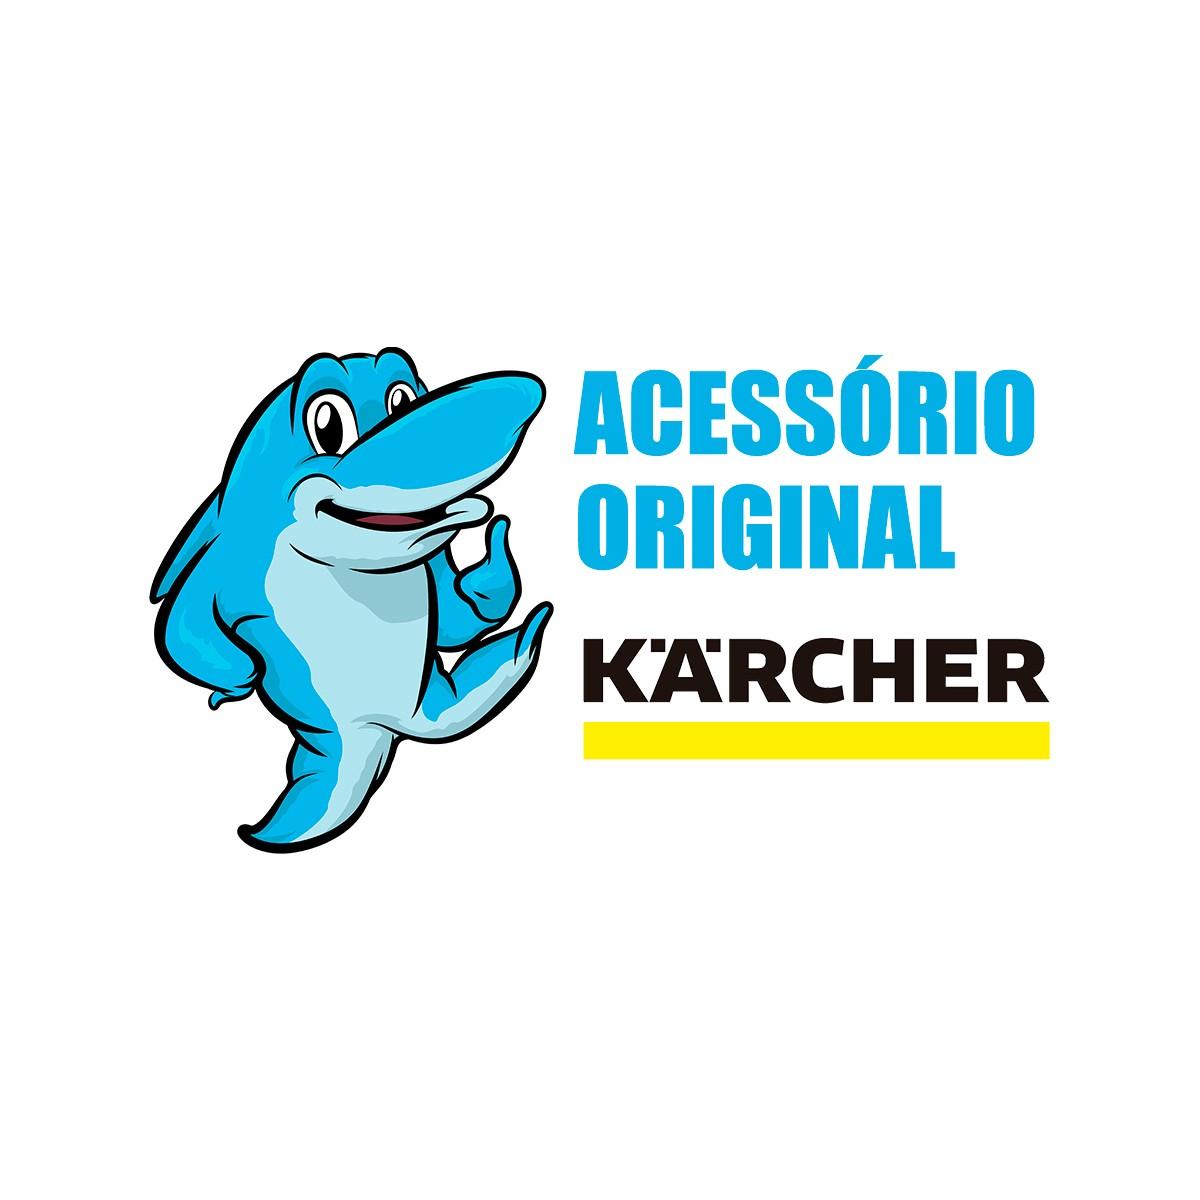 Bico Aplicador de Detergente Original Karcher para Lavadoras